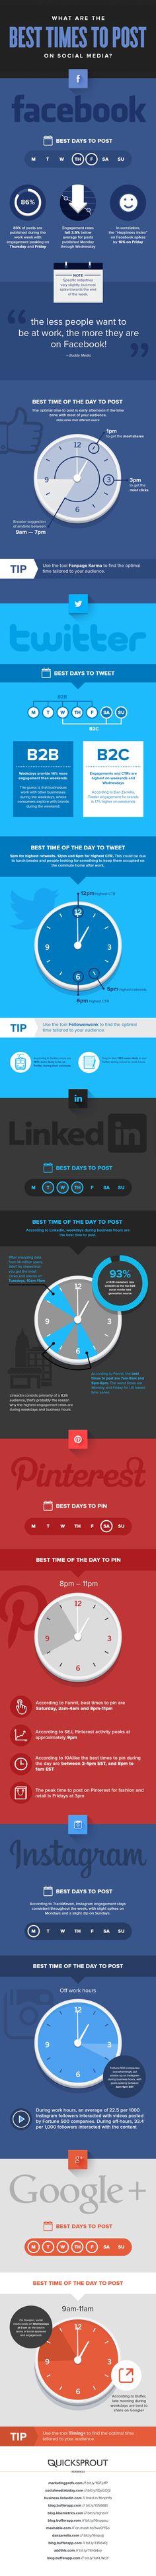 BestTime_Infographic.jpg (1000×16500)